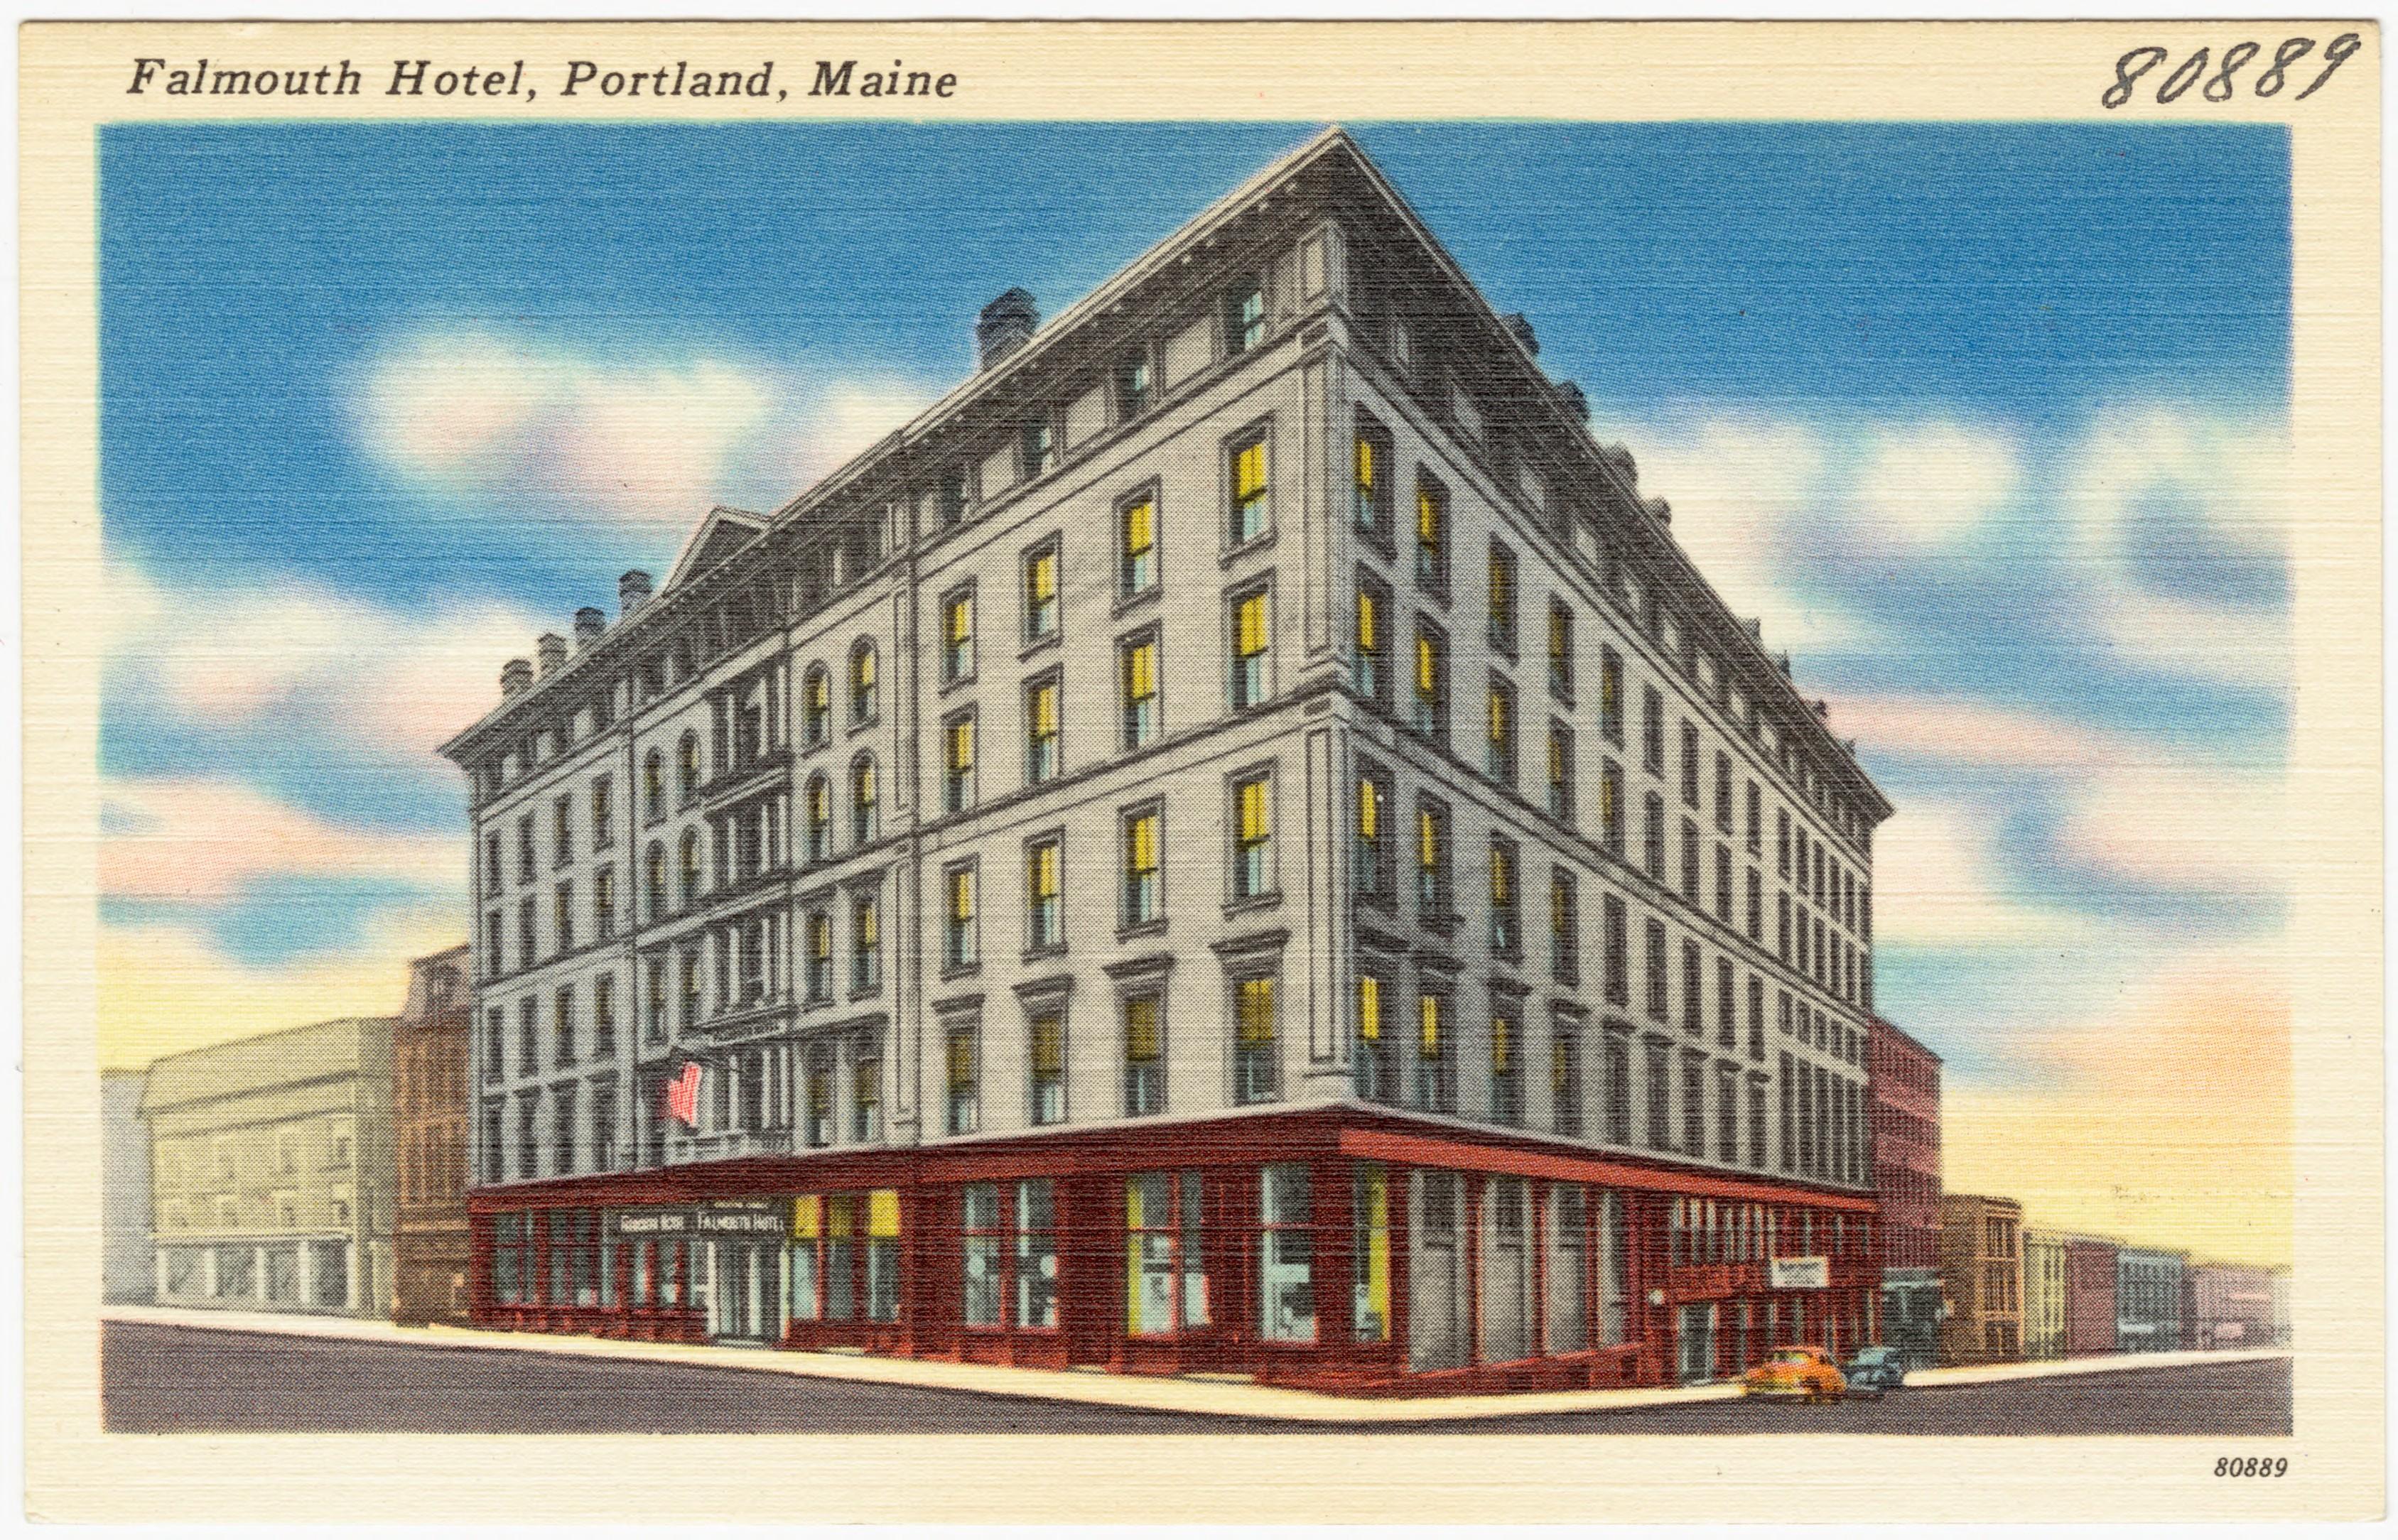 File Falmouth Hotel Portland Maine 80889 Jpg